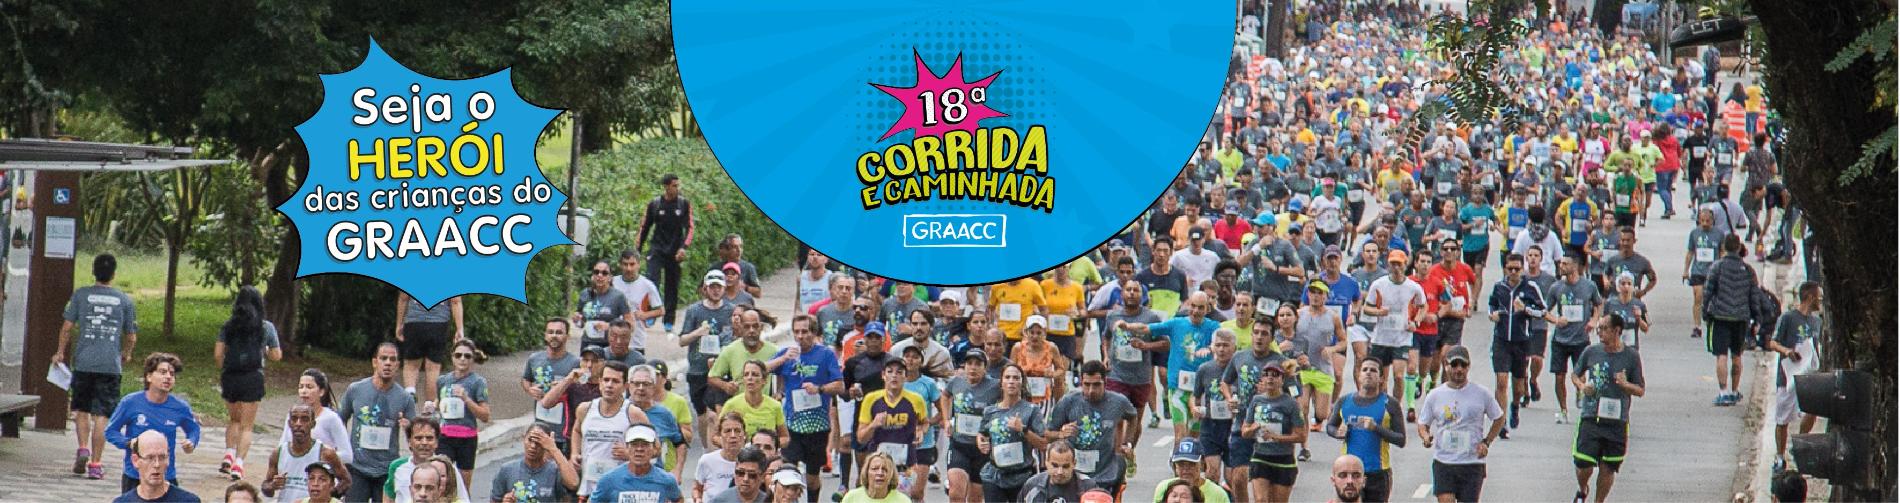 18ª CORRIDA E CAMINHADA GRAACC - Imagem de topo